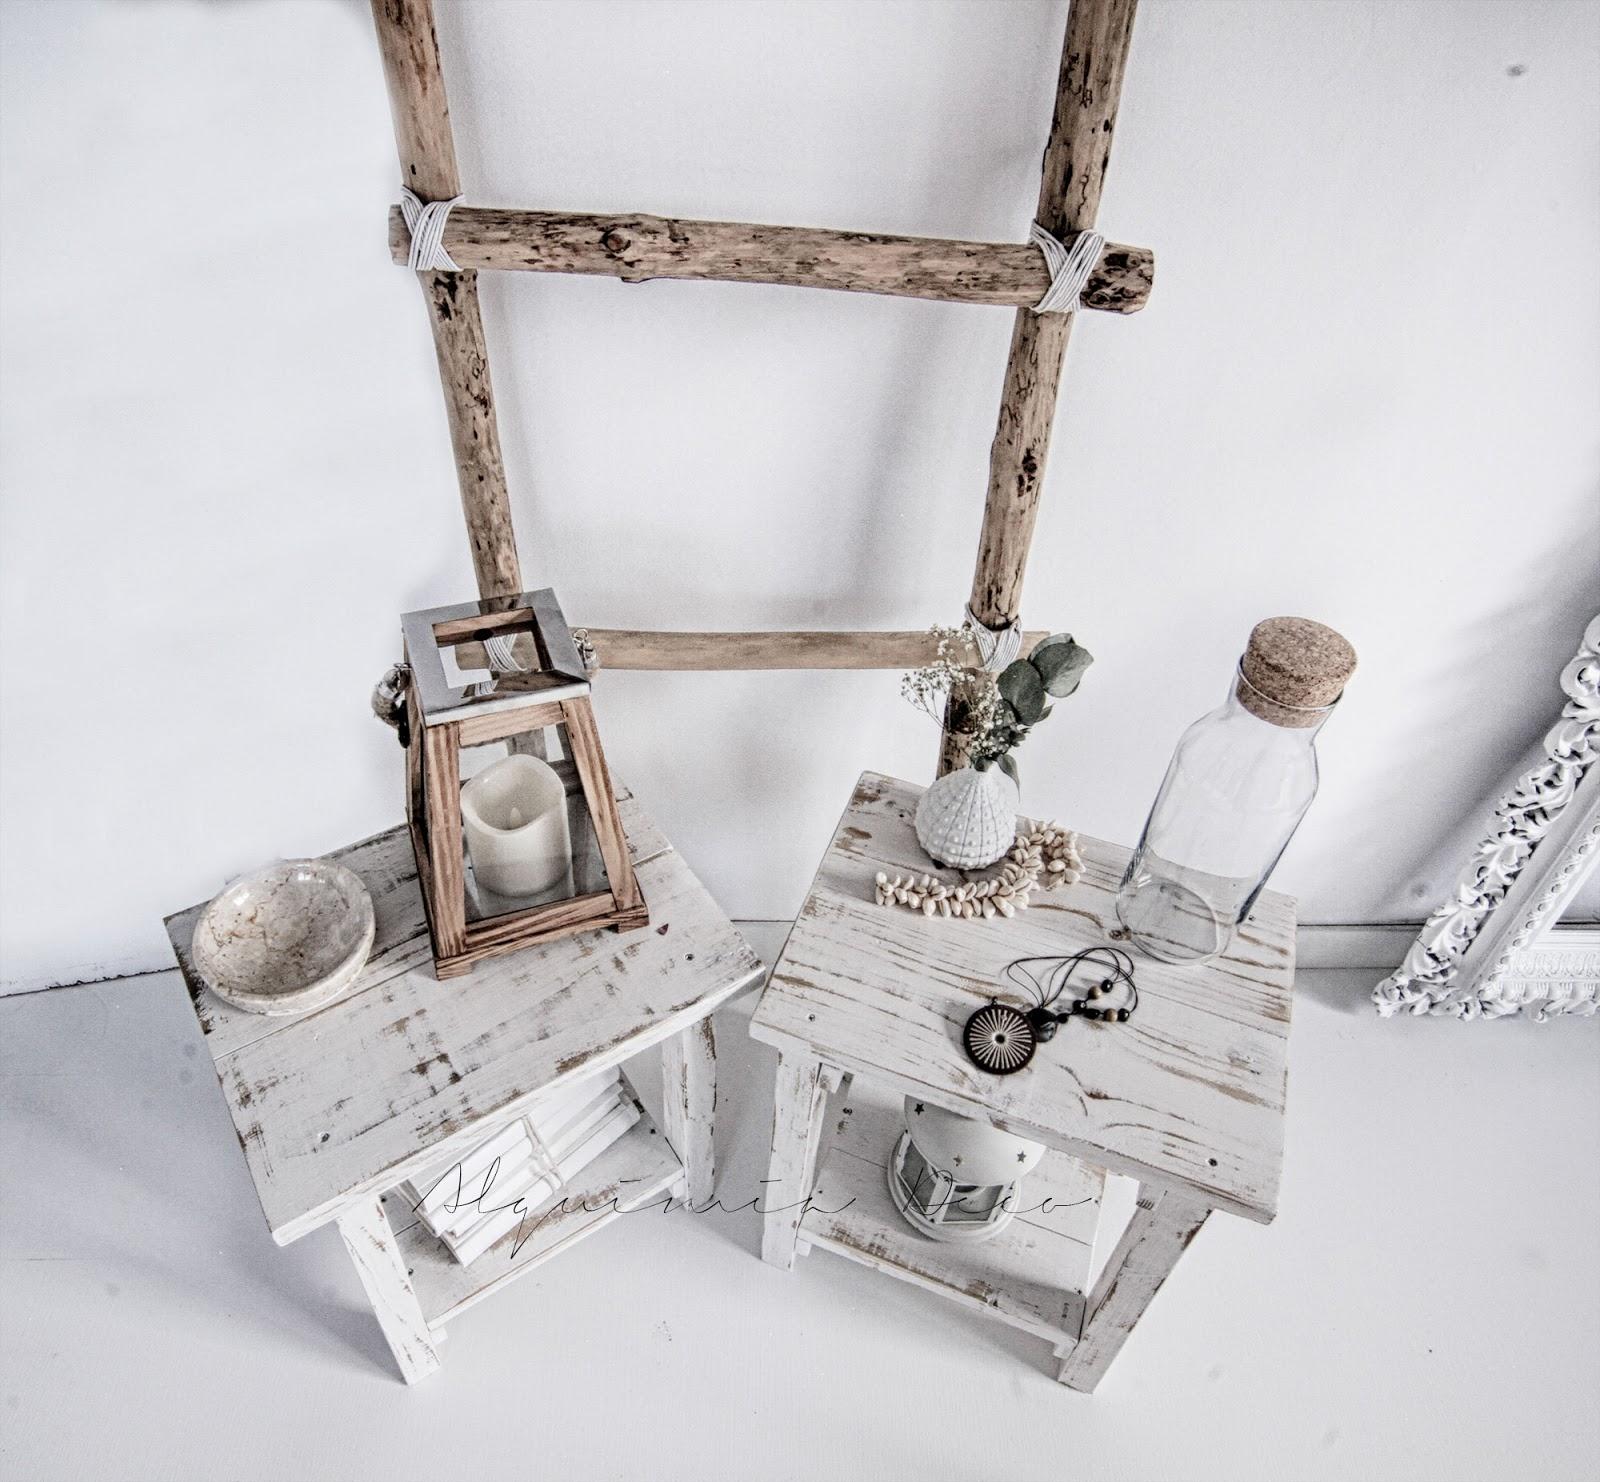 mesita noche madera natural blanco envejecido estilo nordico decoracion nordica interiorismo barcelona interiorista alquimia deco